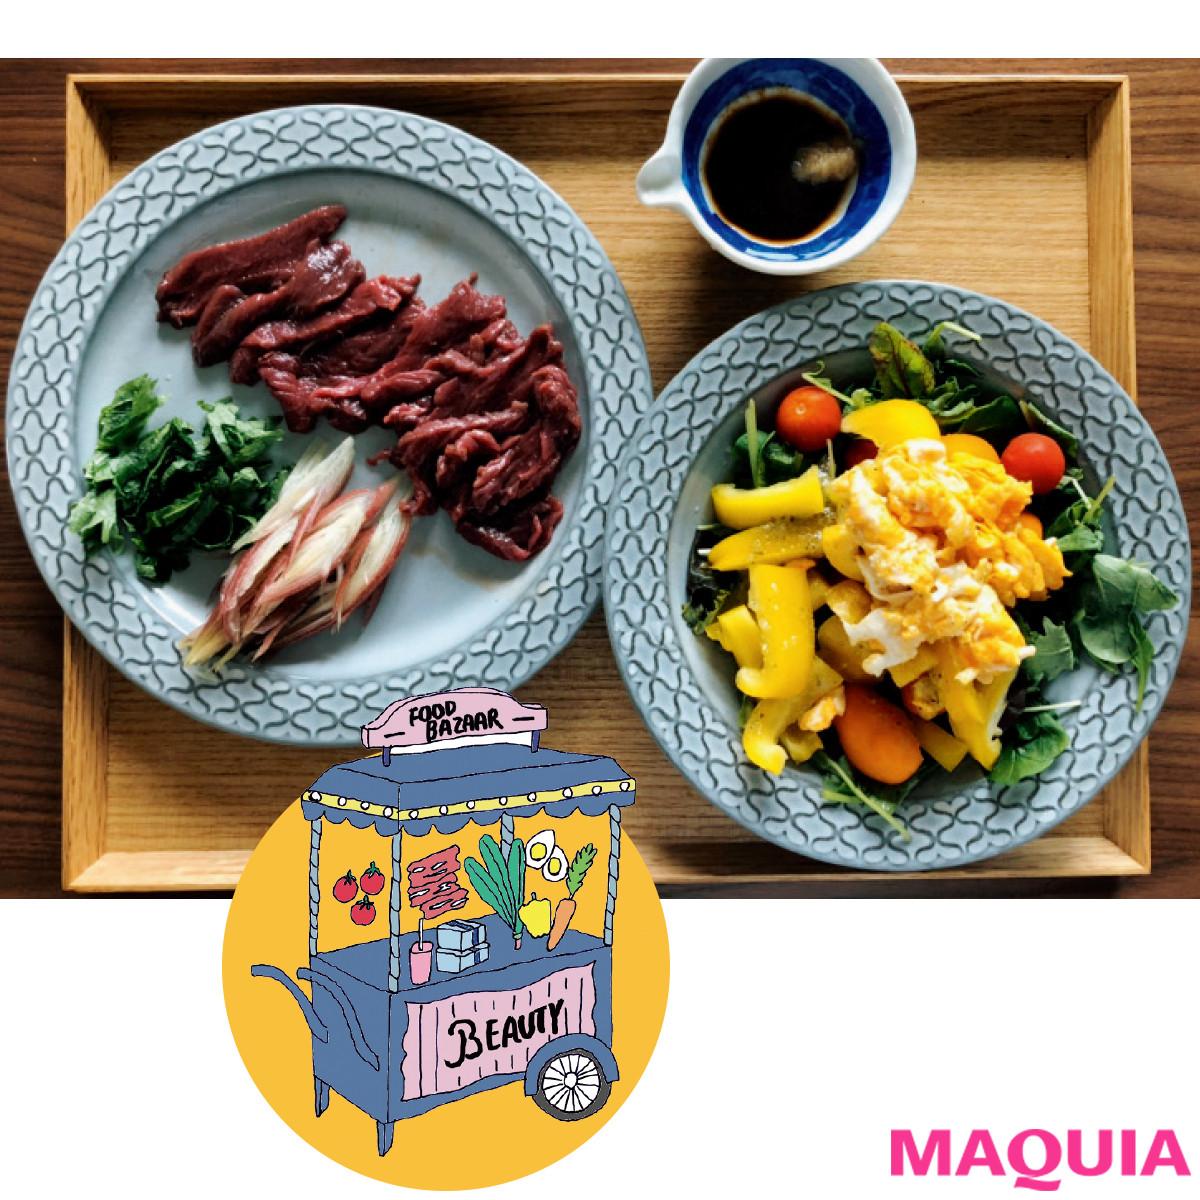 小田切ヒロ流・美を磨き上げる食事って? 甘味はハーブティだけ、理想の朝食は馬肉メインetc.